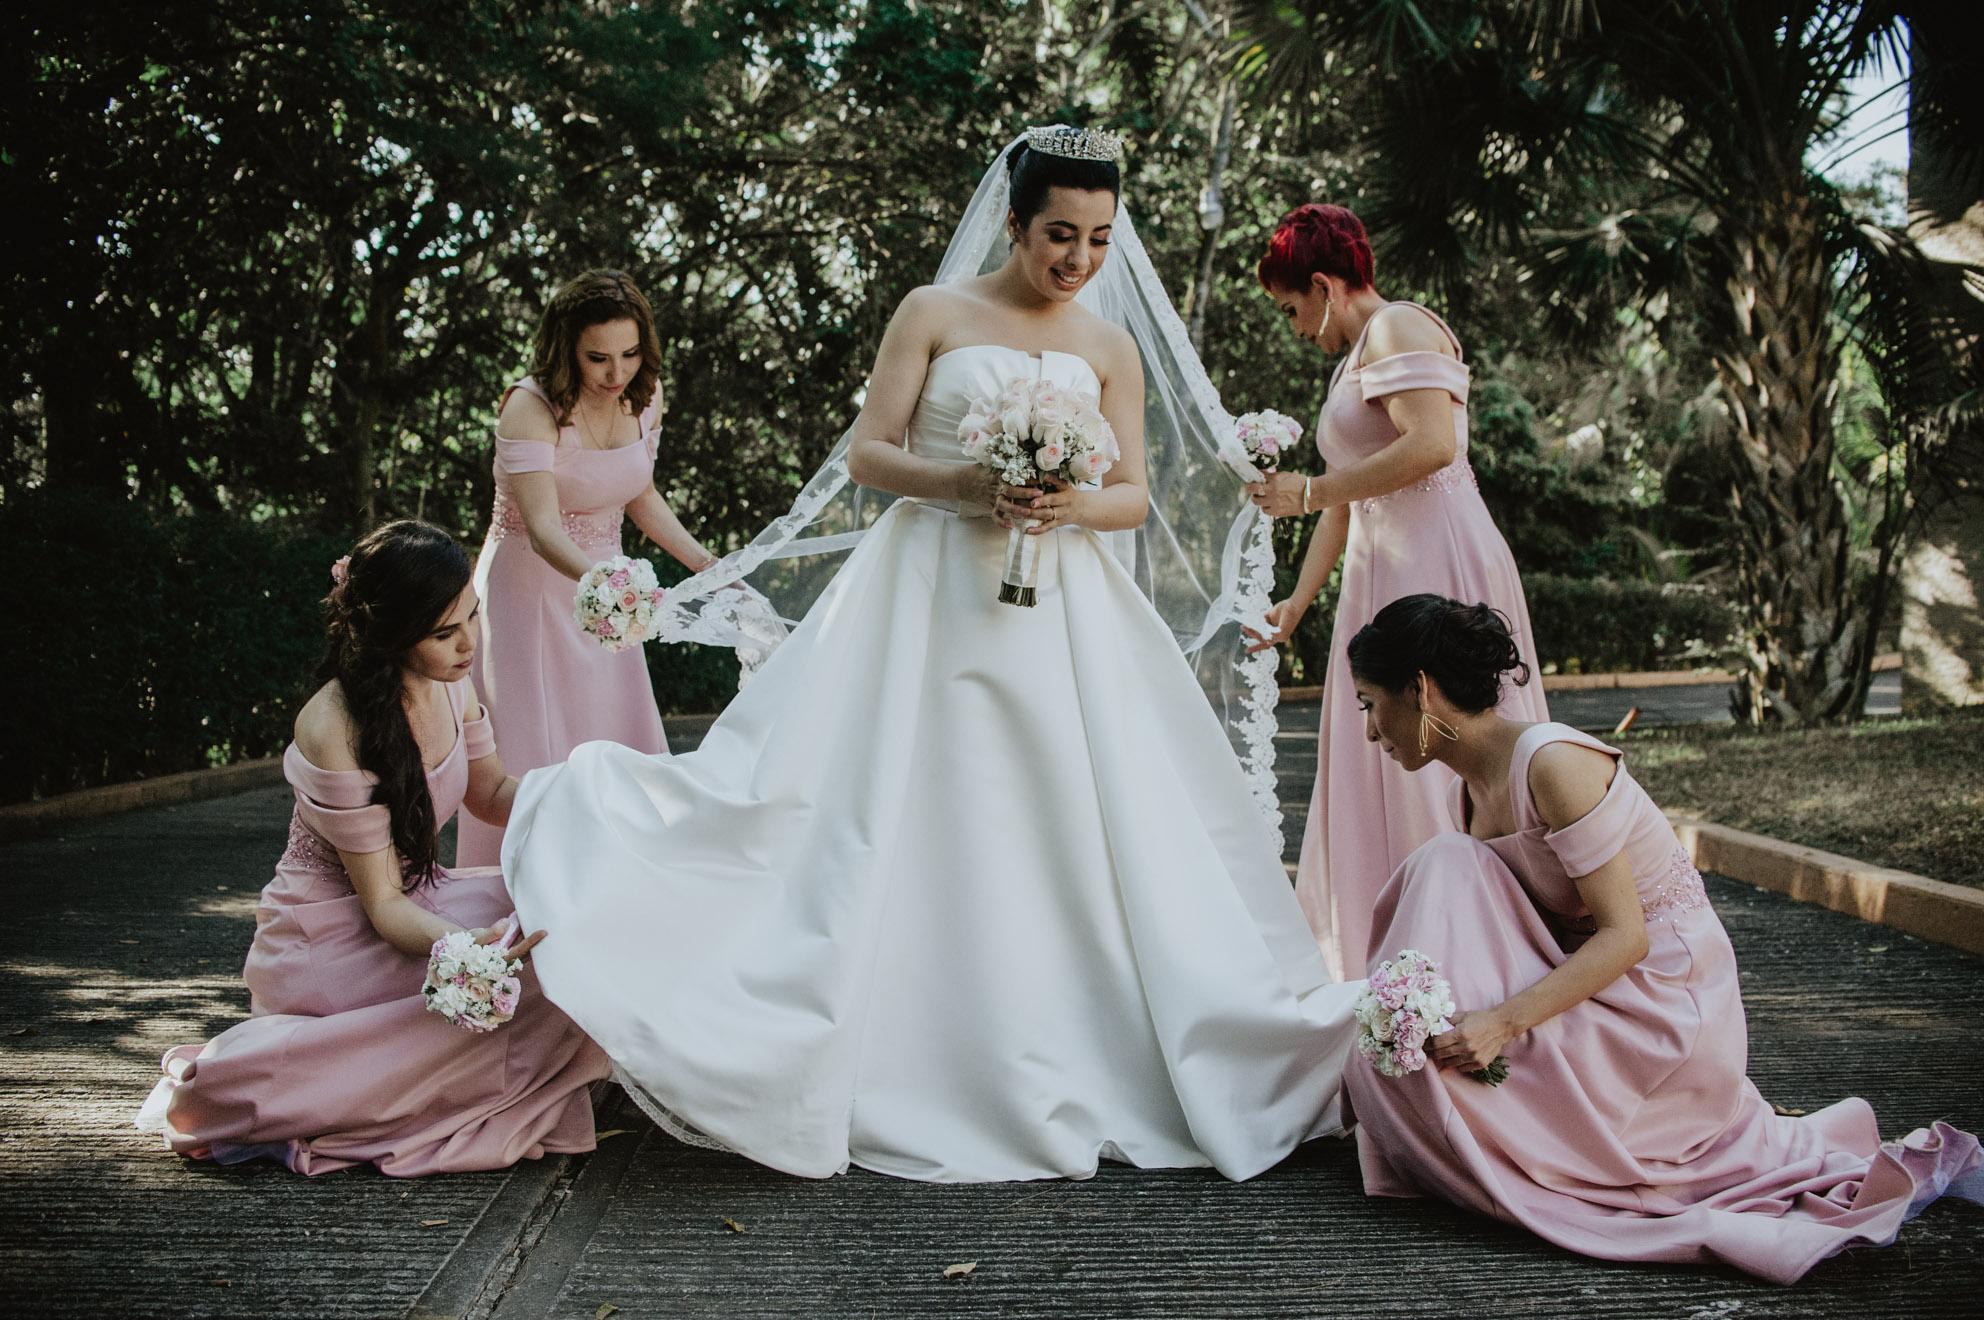 boda sara y juan carlos232.jpg